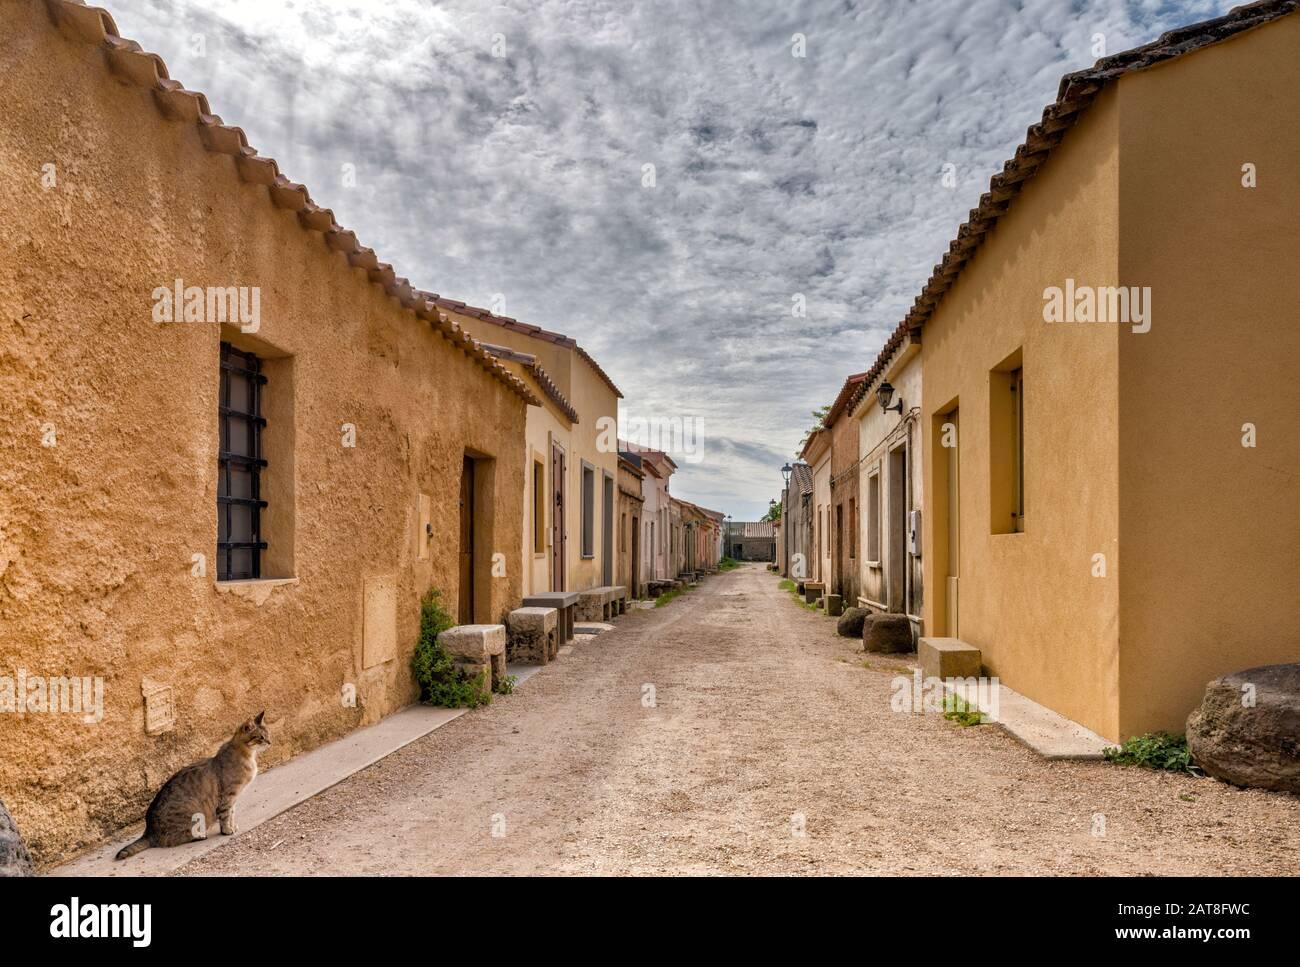 Gato solitario en la calle en un pueblo desierto de San Salvatore, península de Sinis, municipio de Cabras, provincia de Oristano, Cerdeña, Italia Foto de stock